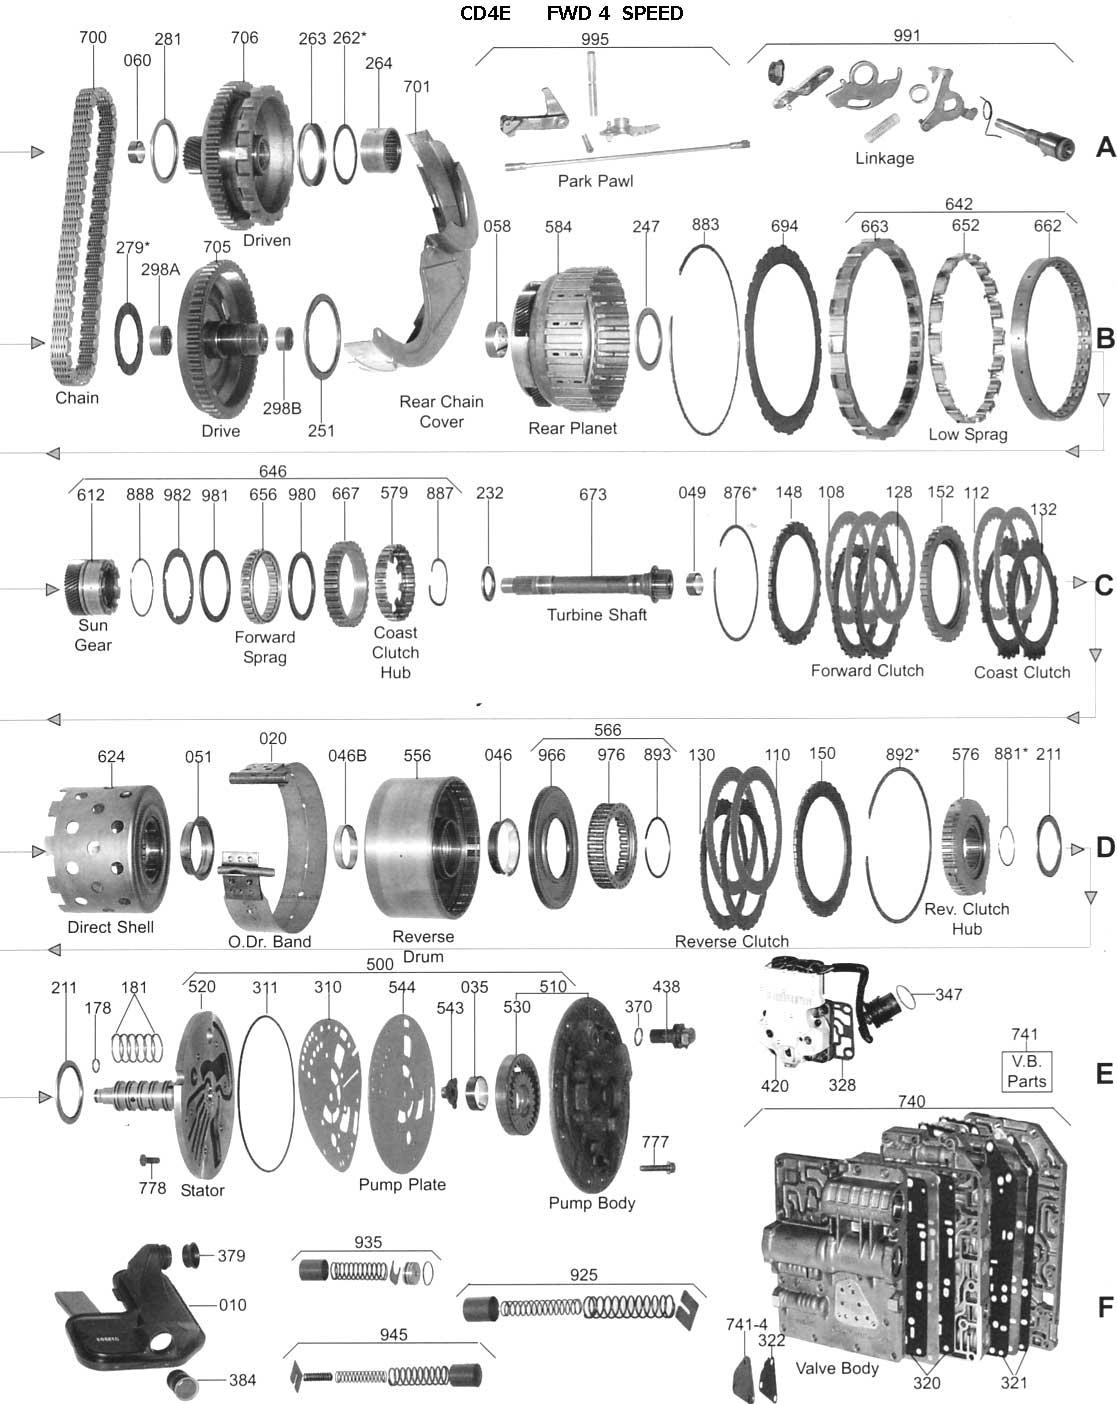 Ford Escape Fwd Transmission Diagram Com